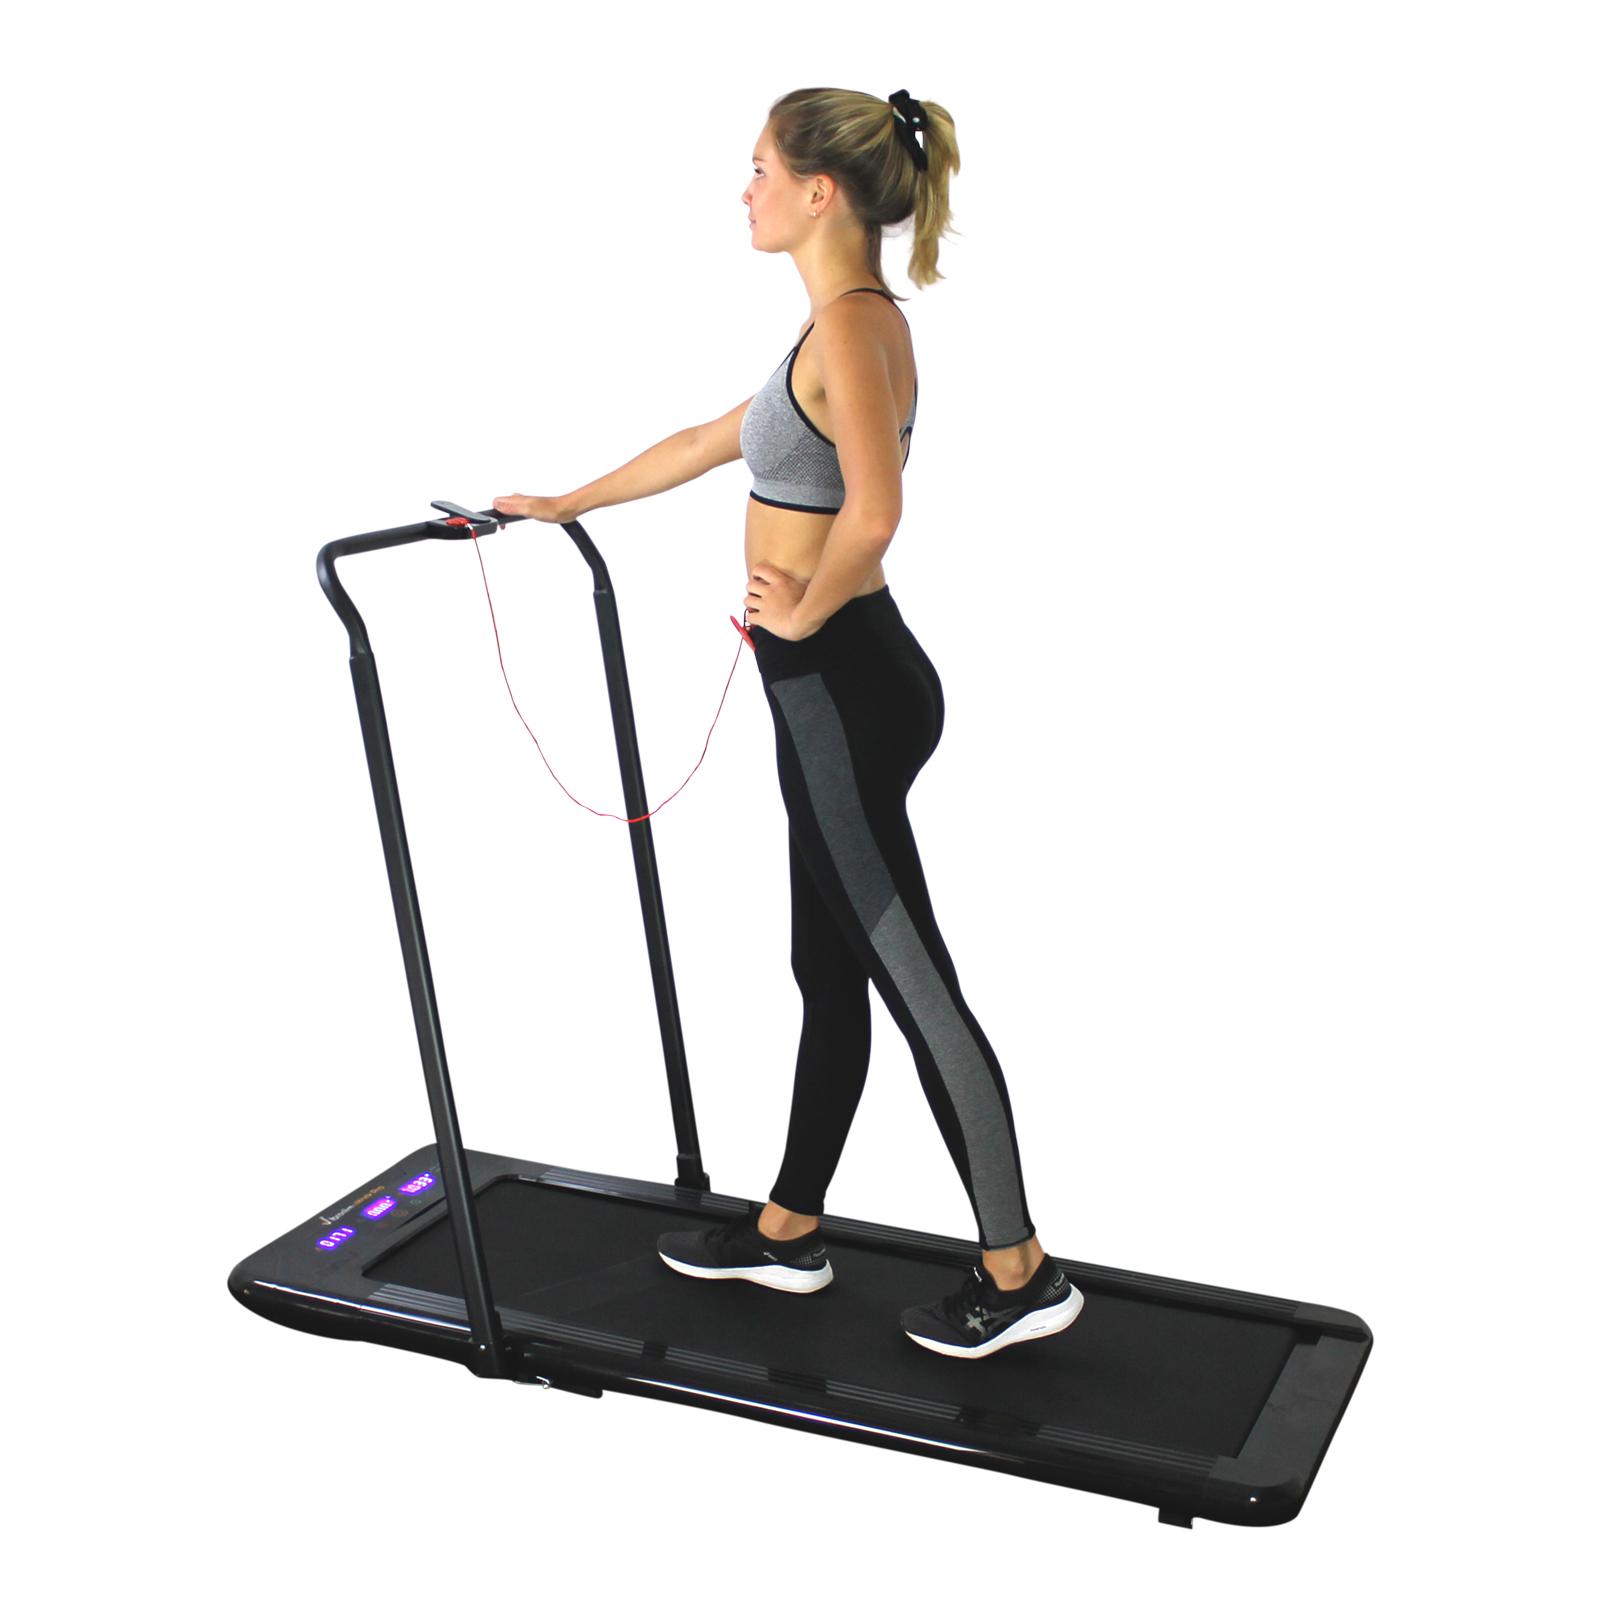 Lifespan Treadmill Js S5002: Latest Design Walking Treadmill